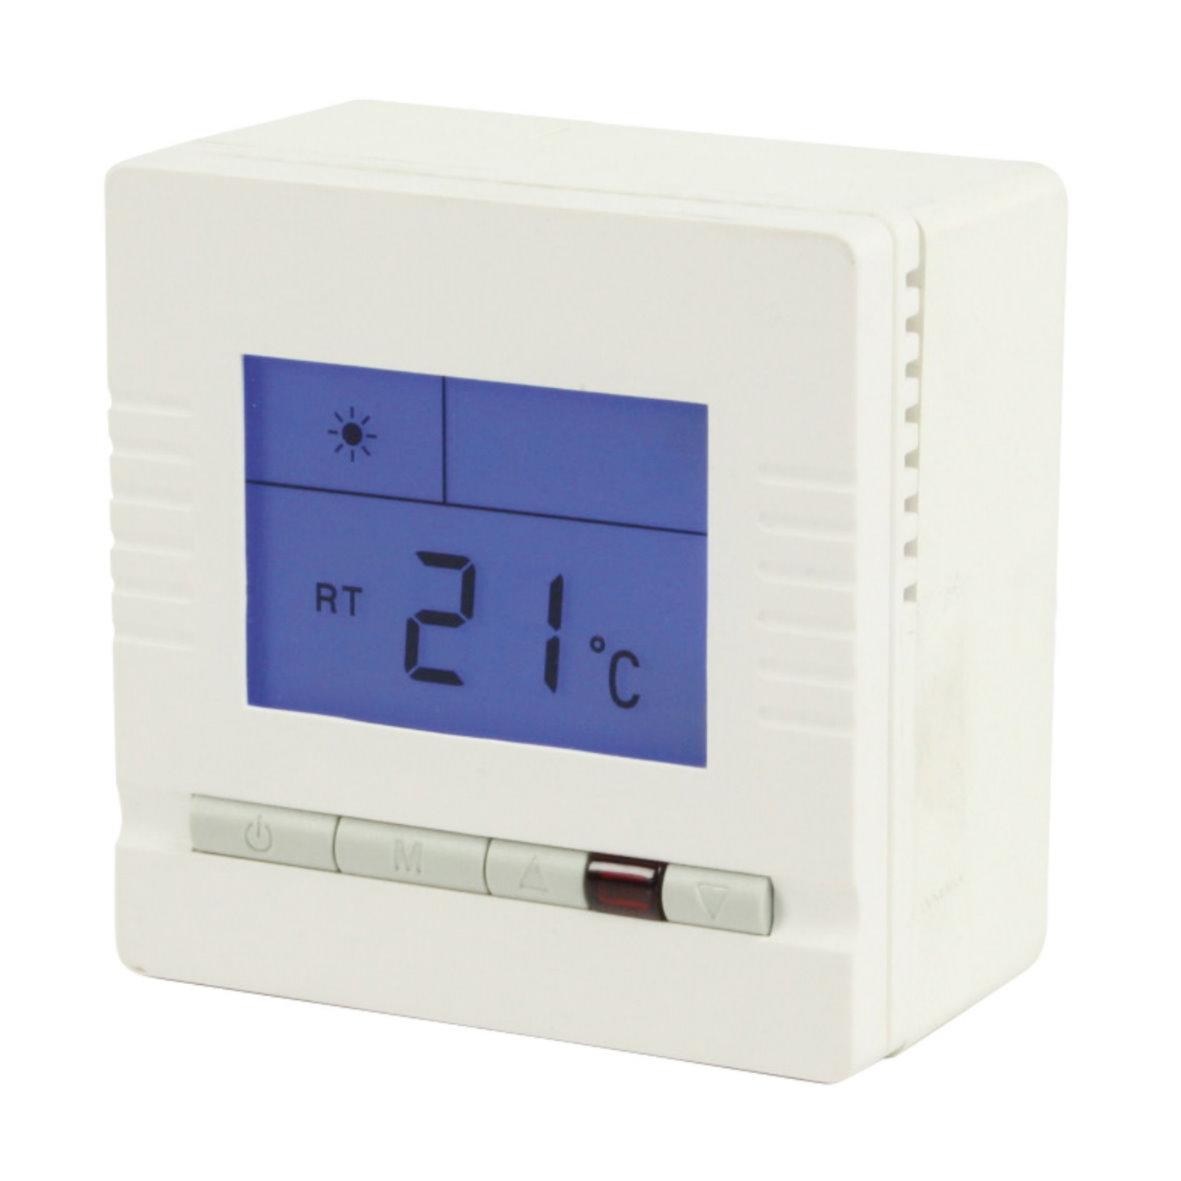 analoger digitaler raumthermostat heizung thermostat. Black Bedroom Furniture Sets. Home Design Ideas